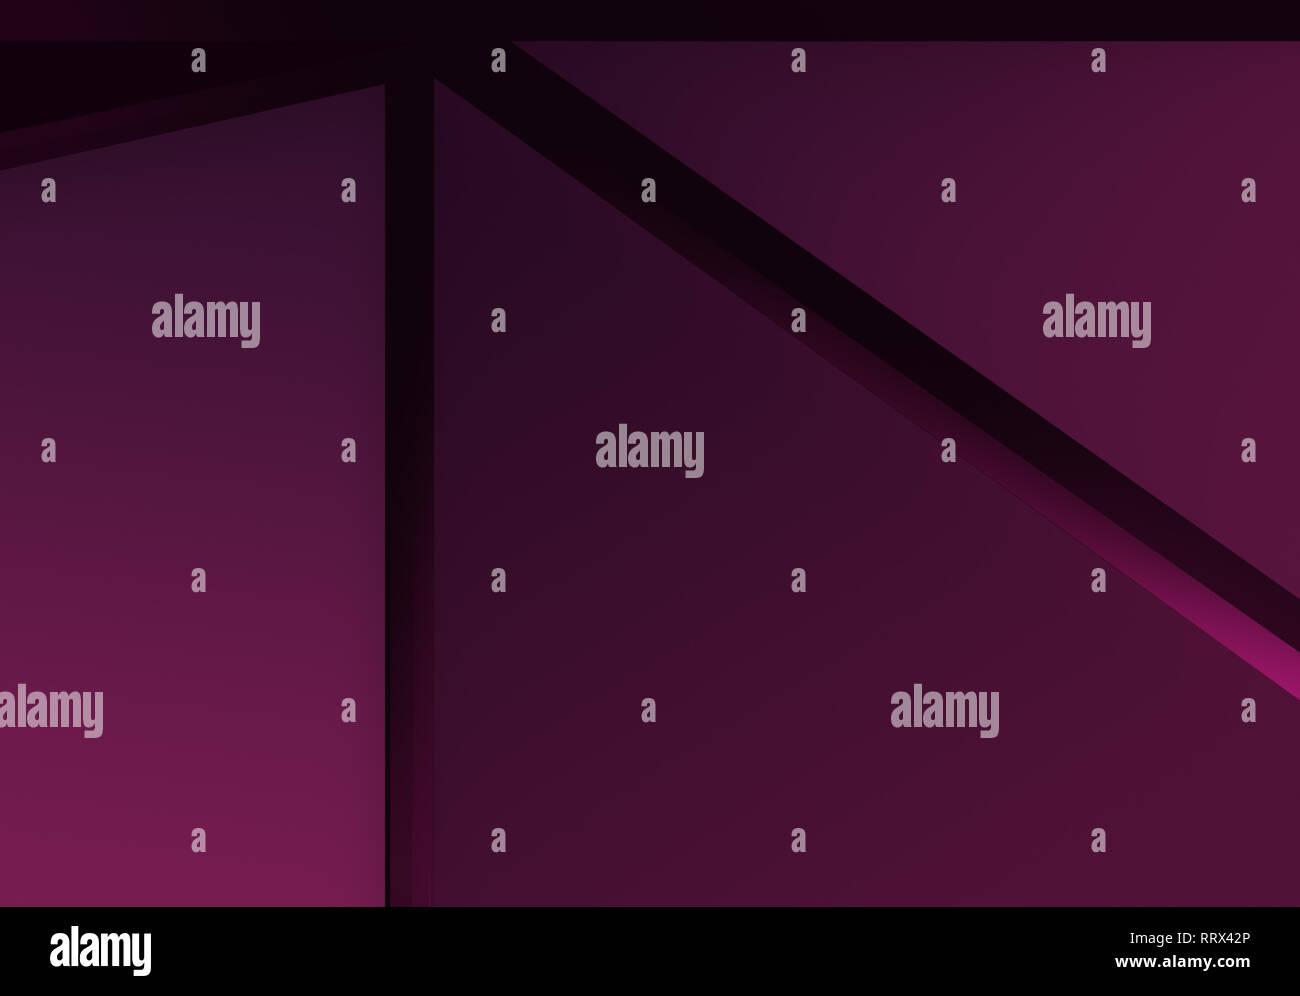 Abstract viola e rosa vettore poligonale dello sfondo. Vettore geometrico illustrazione, Creative Design modello. Immagini Stock